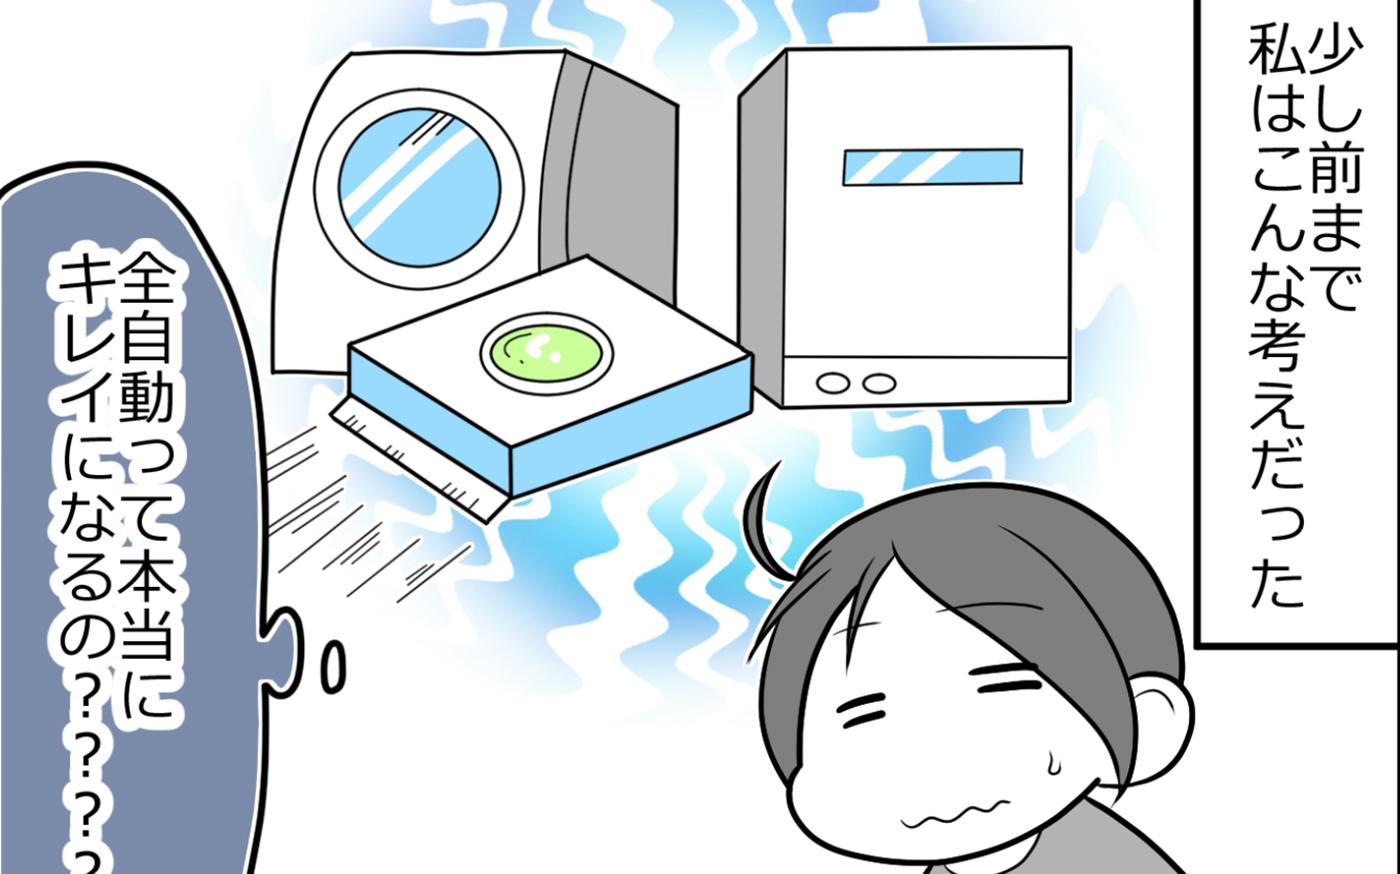 全自動家電に家事を任せられるの? 主婦がロボット掃除機を購入した結果…